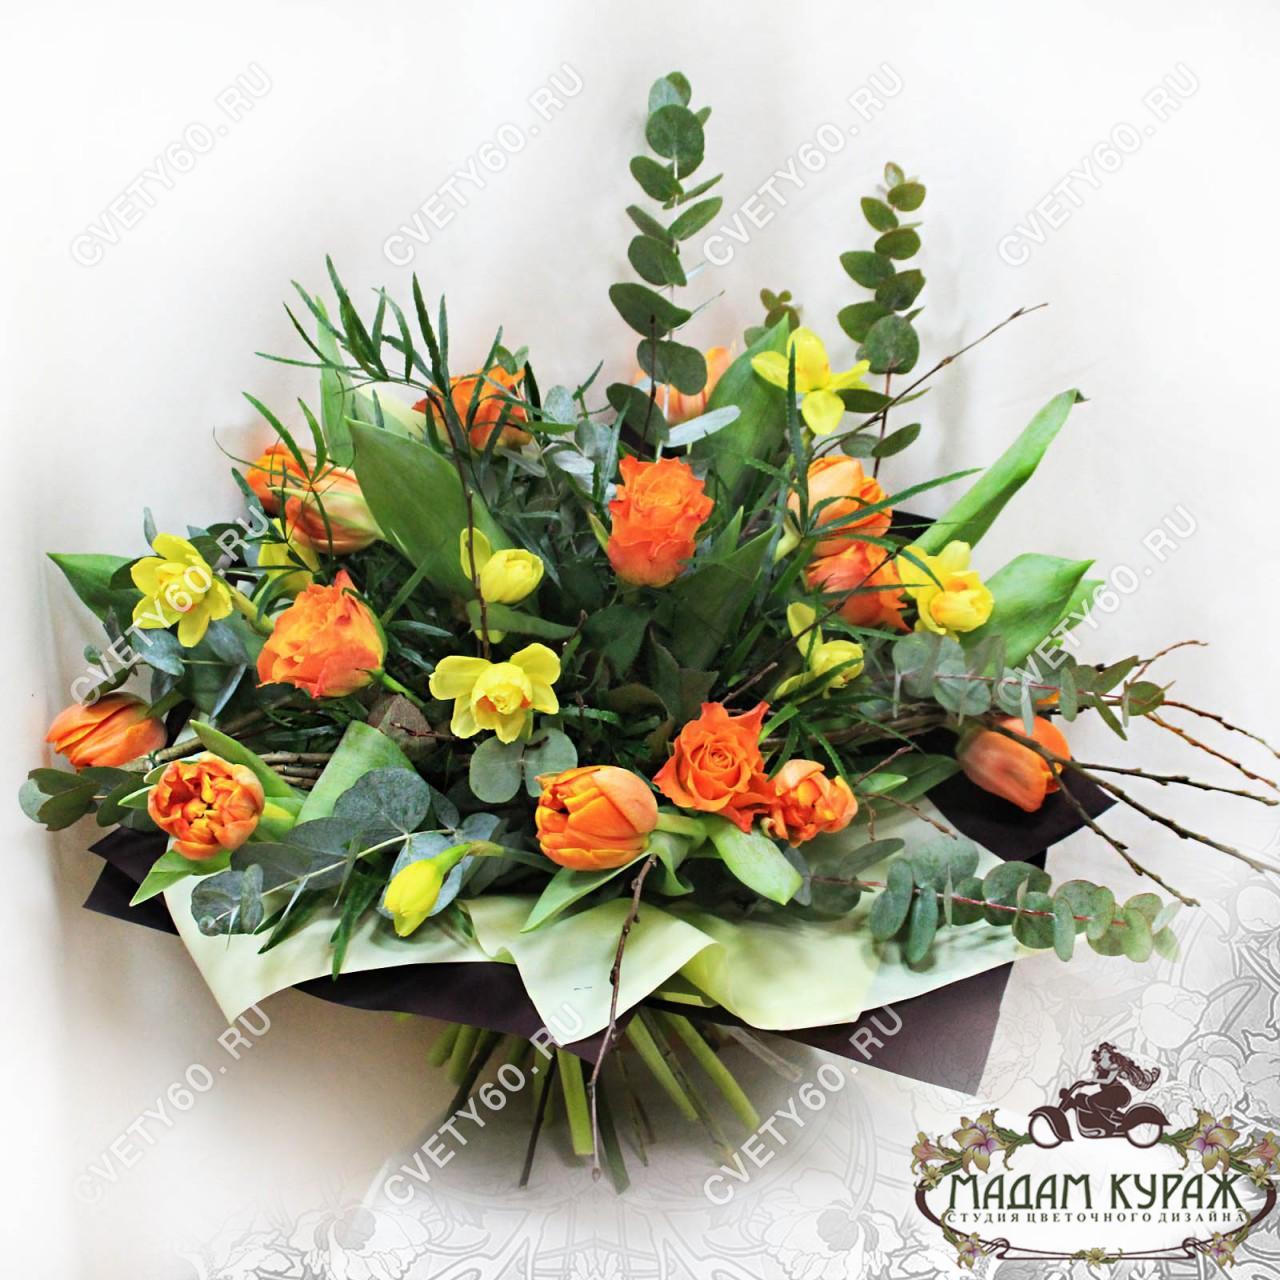 Жизнерадостный букет из оранжевых цветов